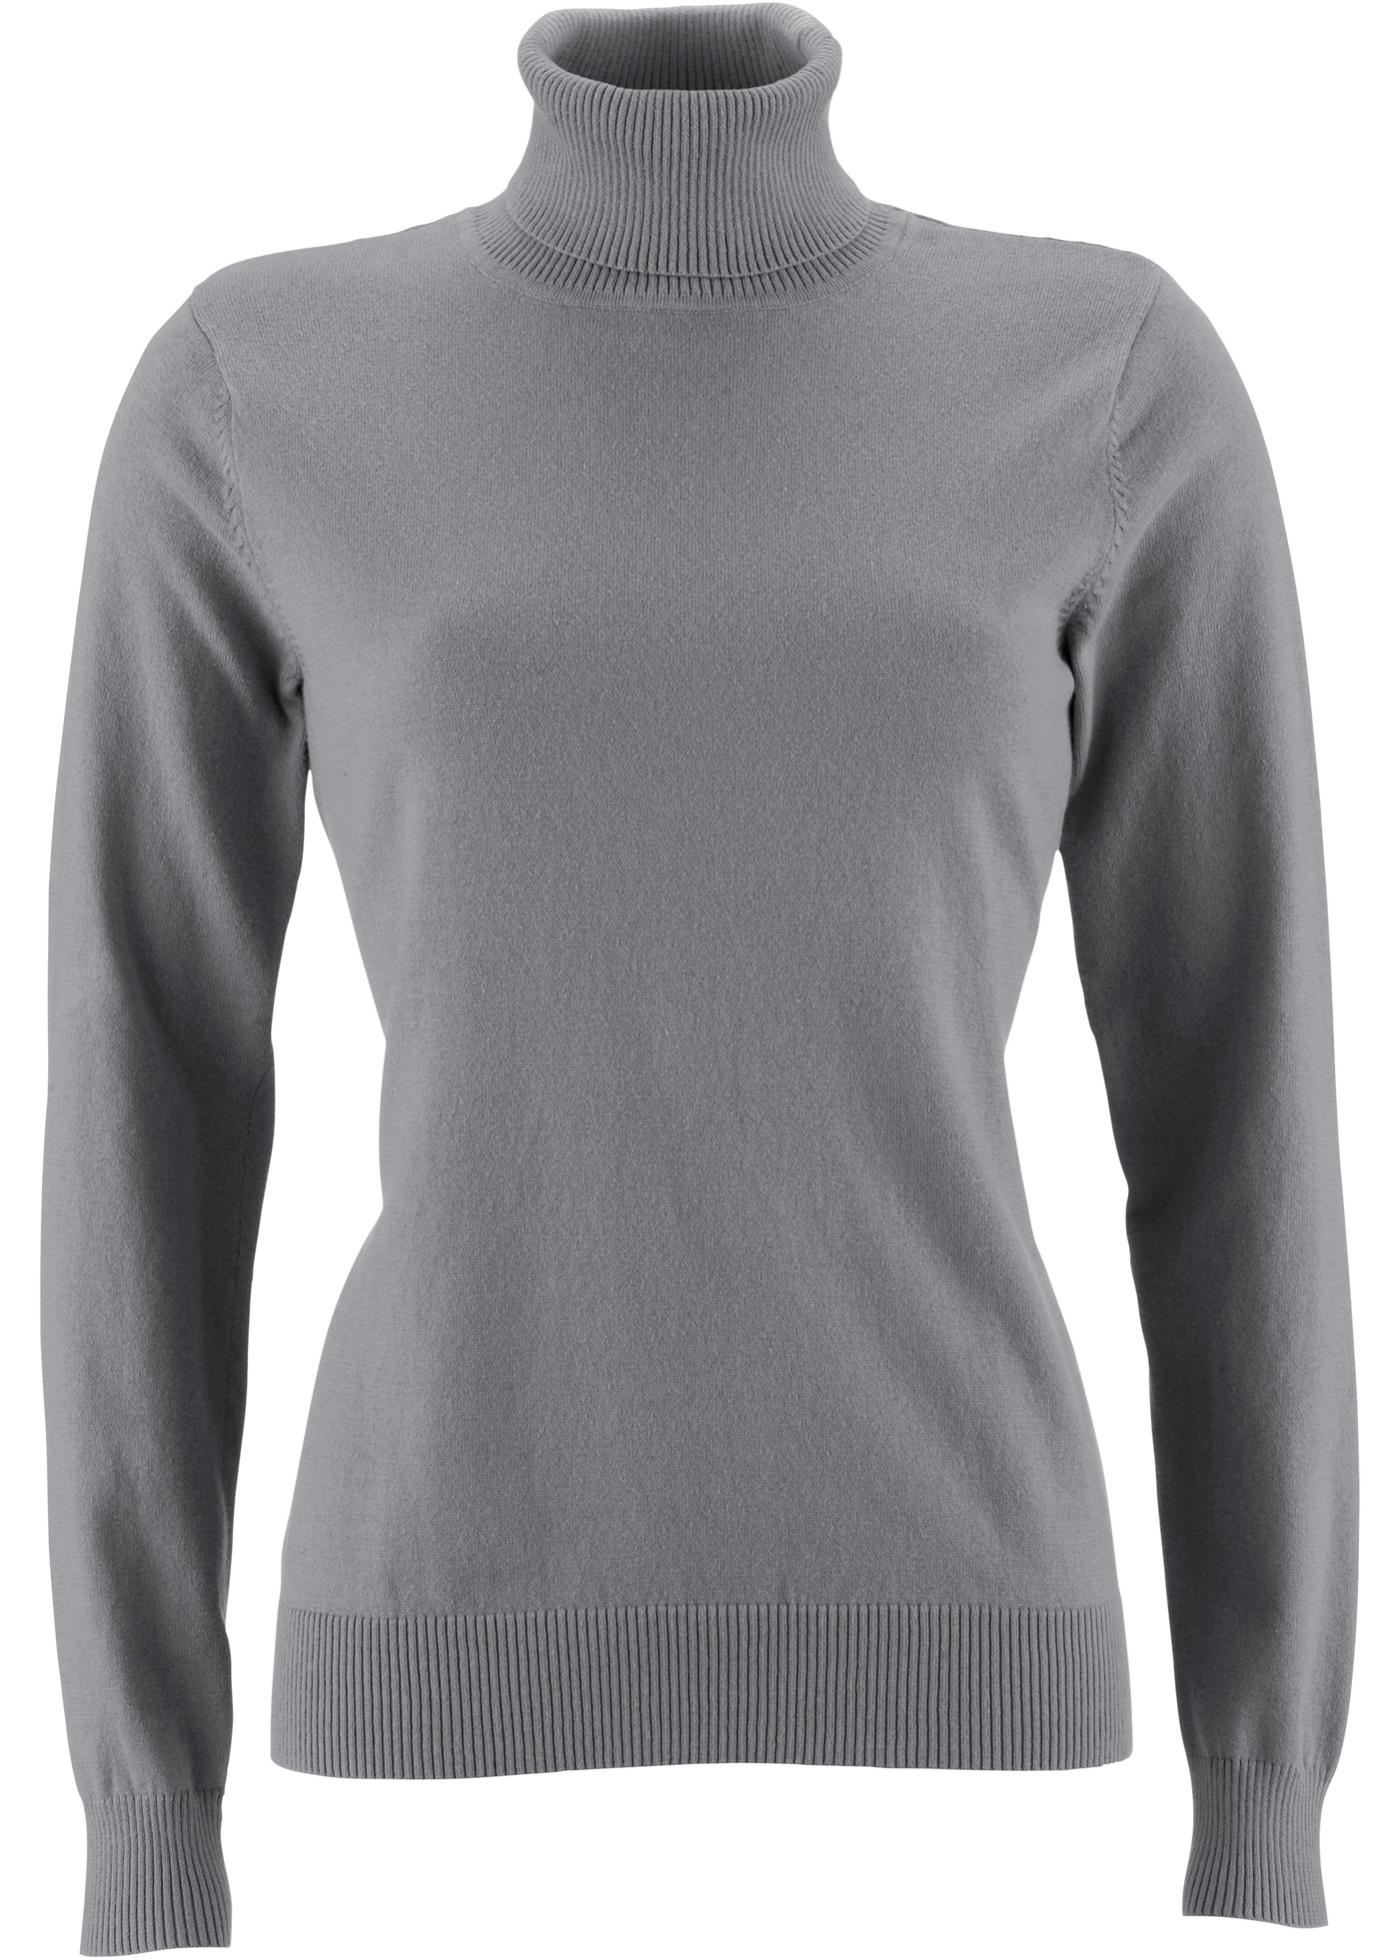 Rolákový pulovr - Šedá